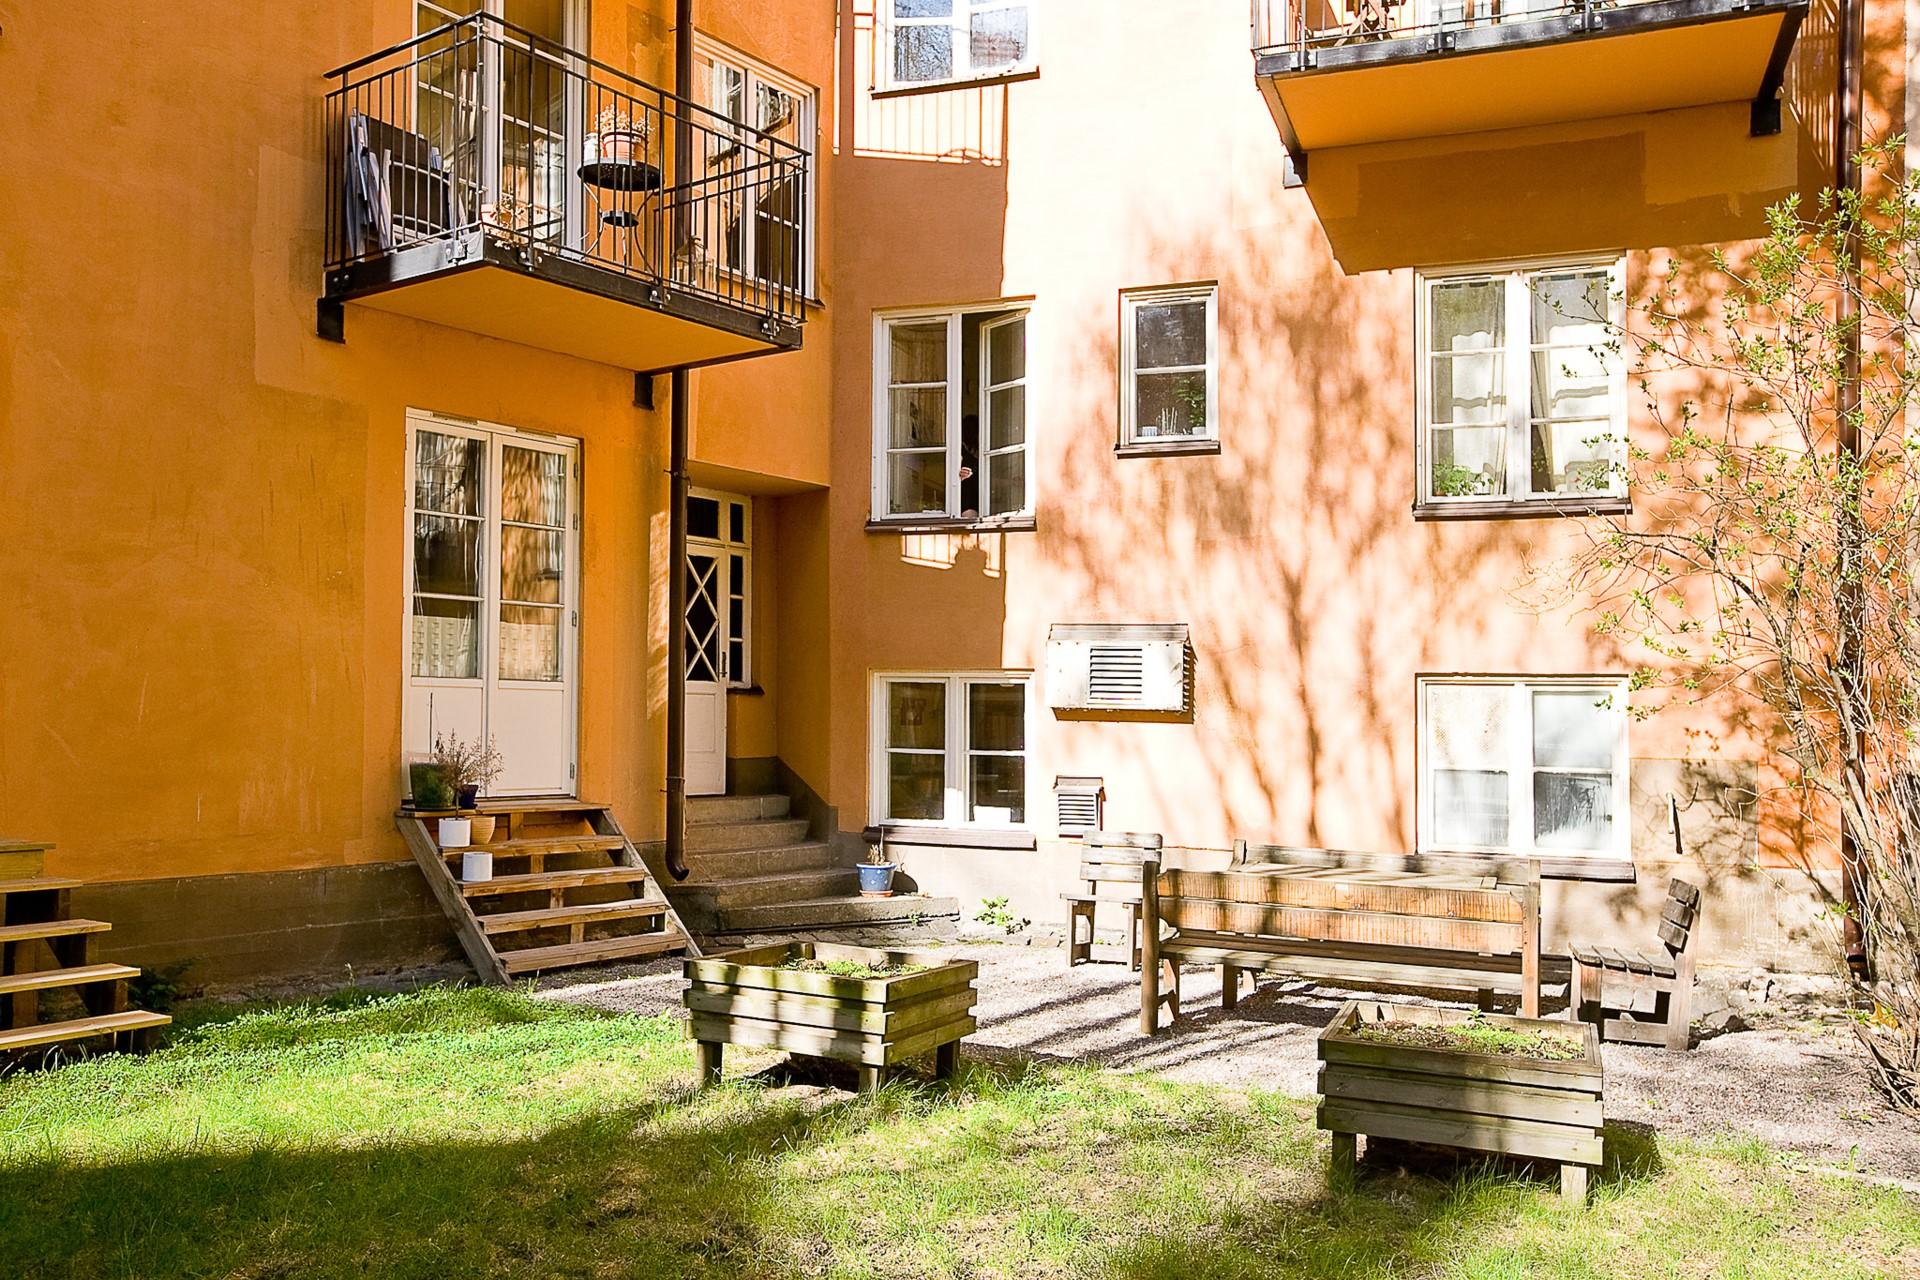 Folkskolegatan 20 - Sommarkänsla - en av föreningens innergårdar